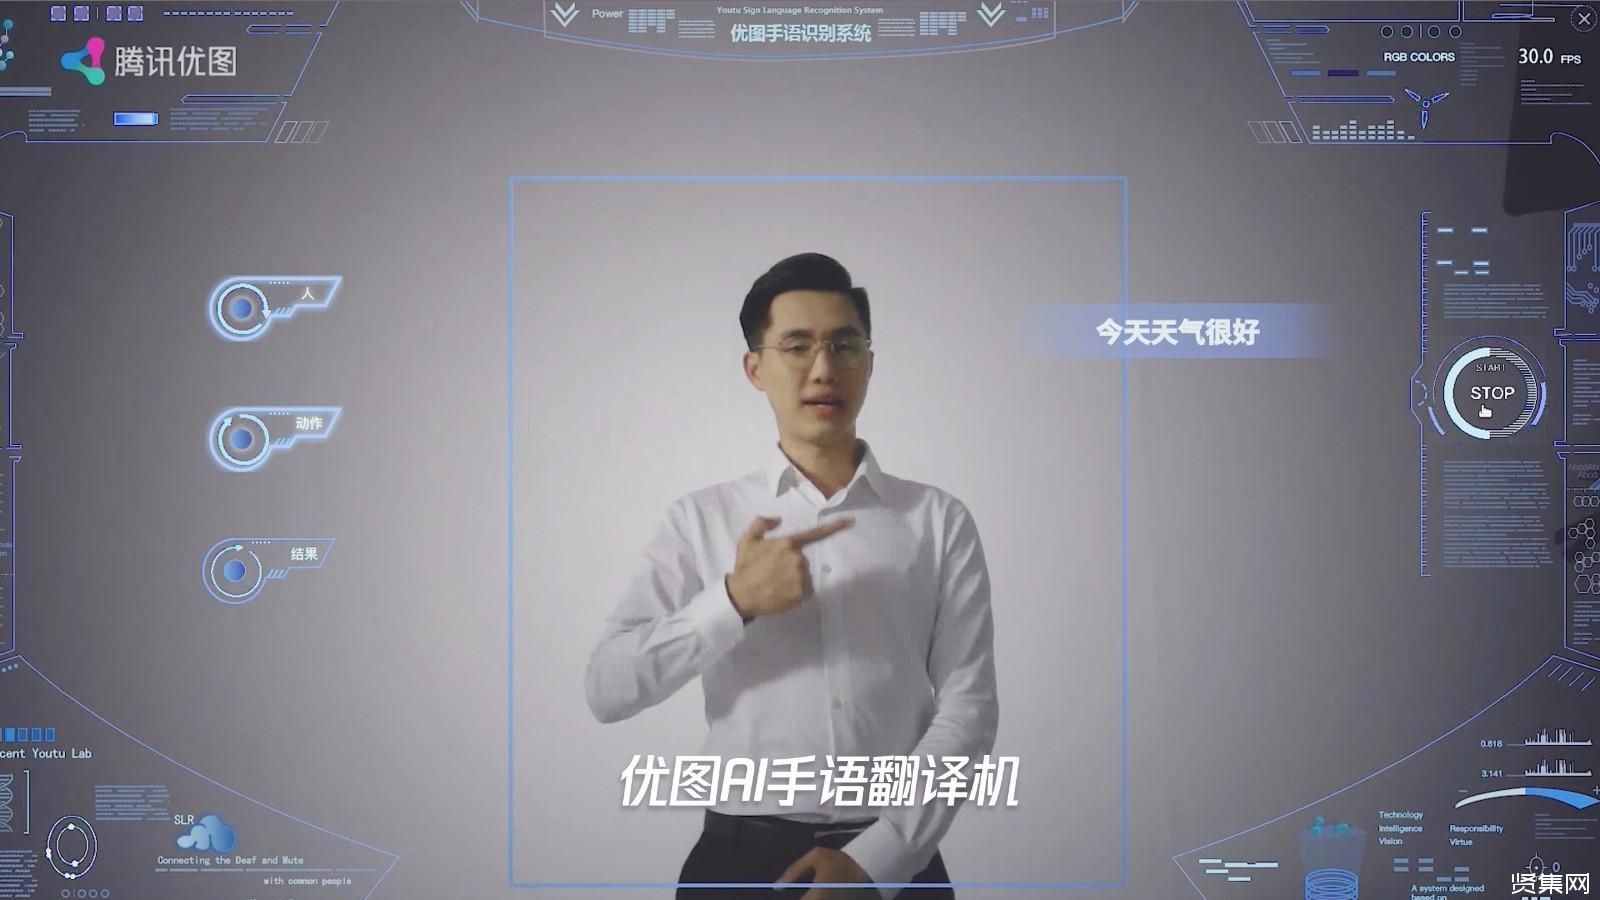 ?腾讯优图联合深圳市信息无障碍研究会发布优图AI手语翻译机